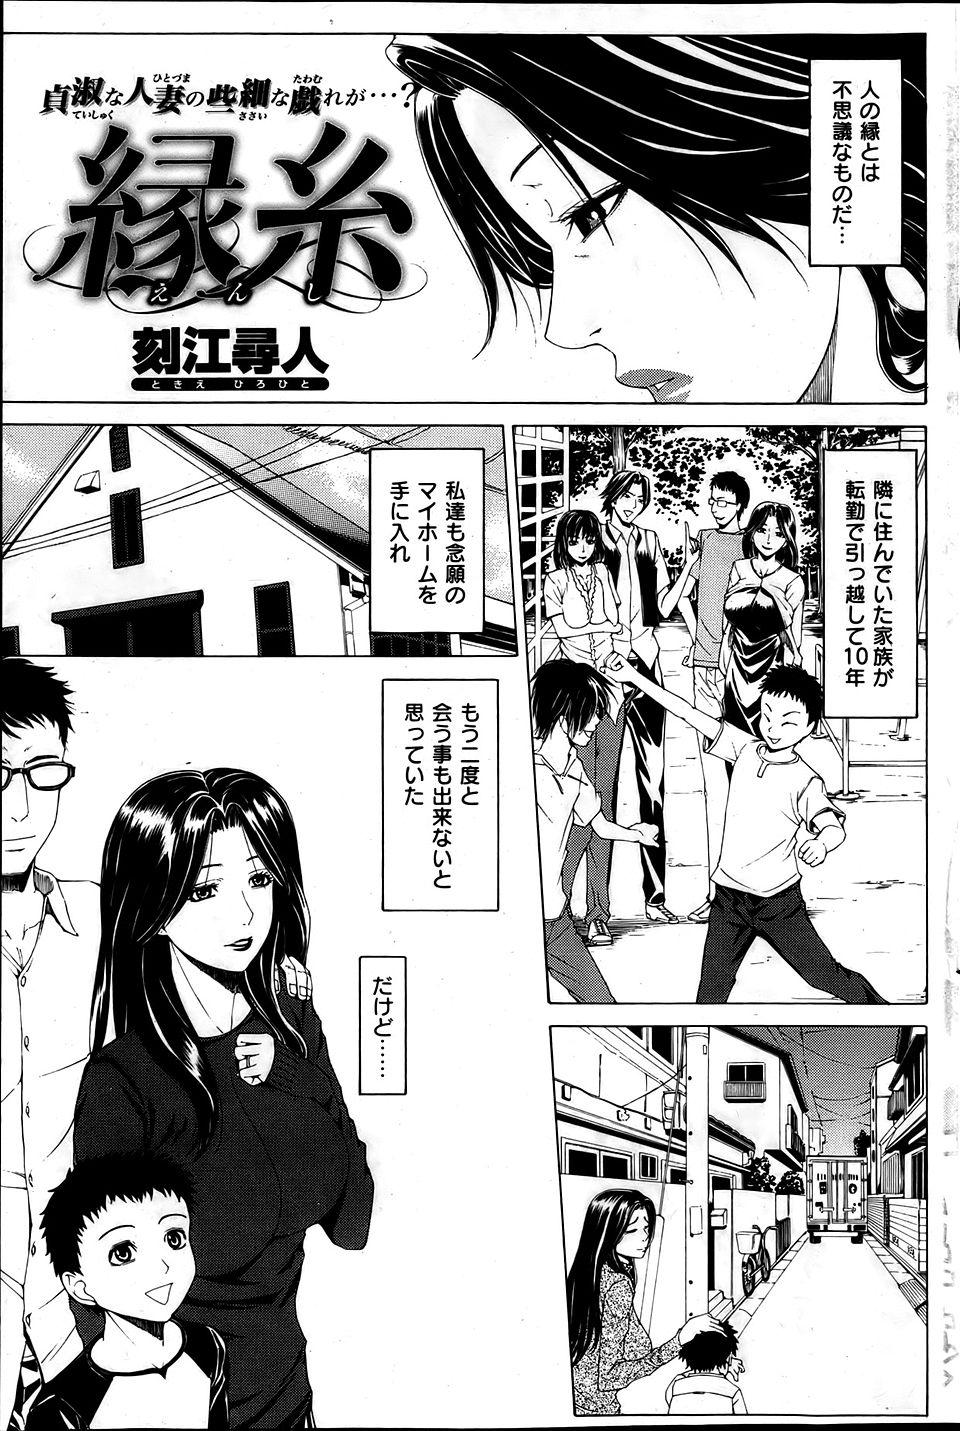 [刻江尋人] 縁糸 (1)